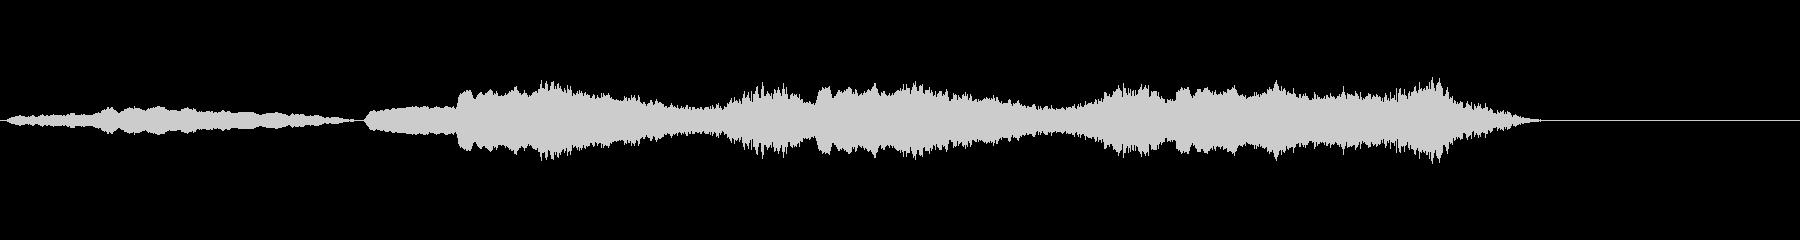 音楽、ゴシックステム、声、ボーカル...の未再生の波形